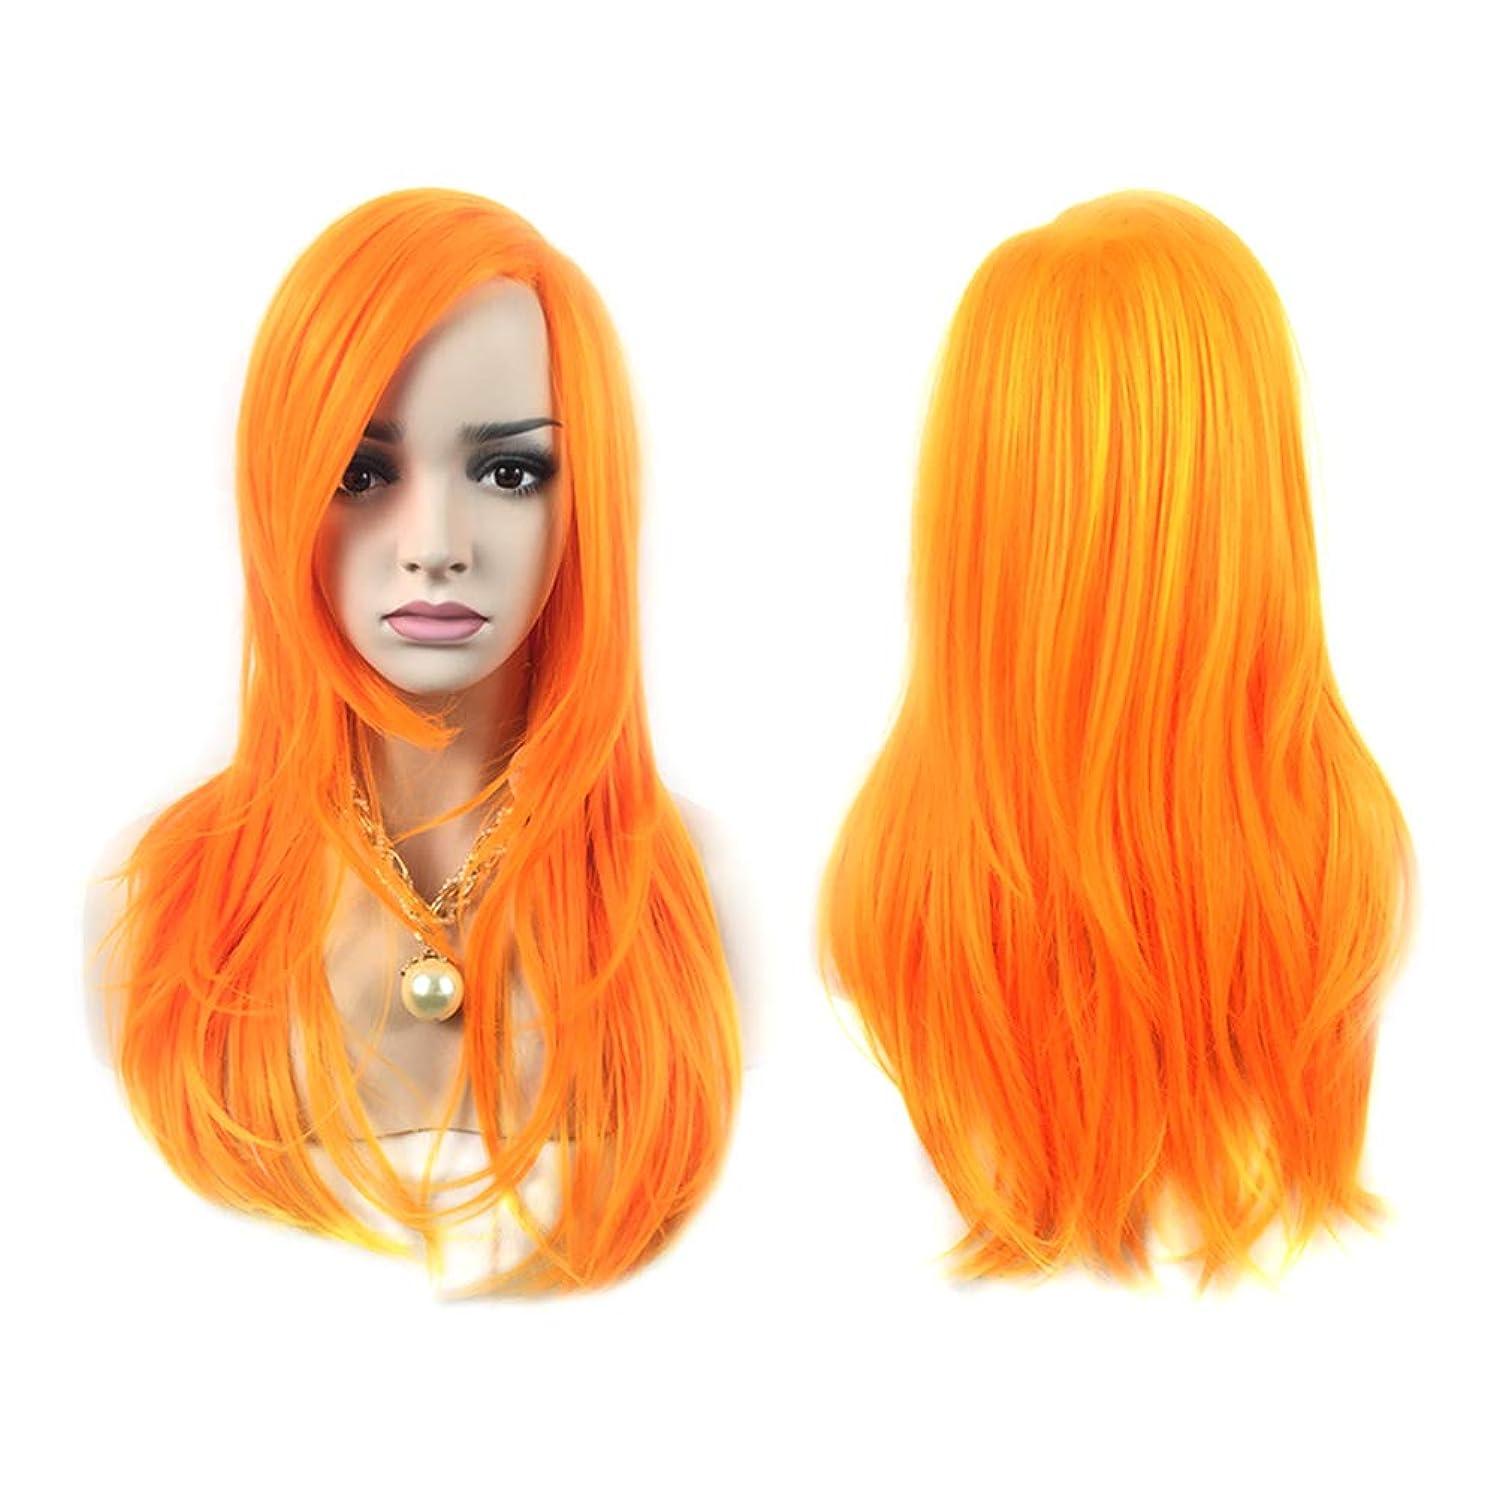 かわすアスペクトピストル女性ファッショングラデーションショートストレートヘアウィッグ自然に見える絶妙な弾性ネットウィッグカバー(66177オレンジ)